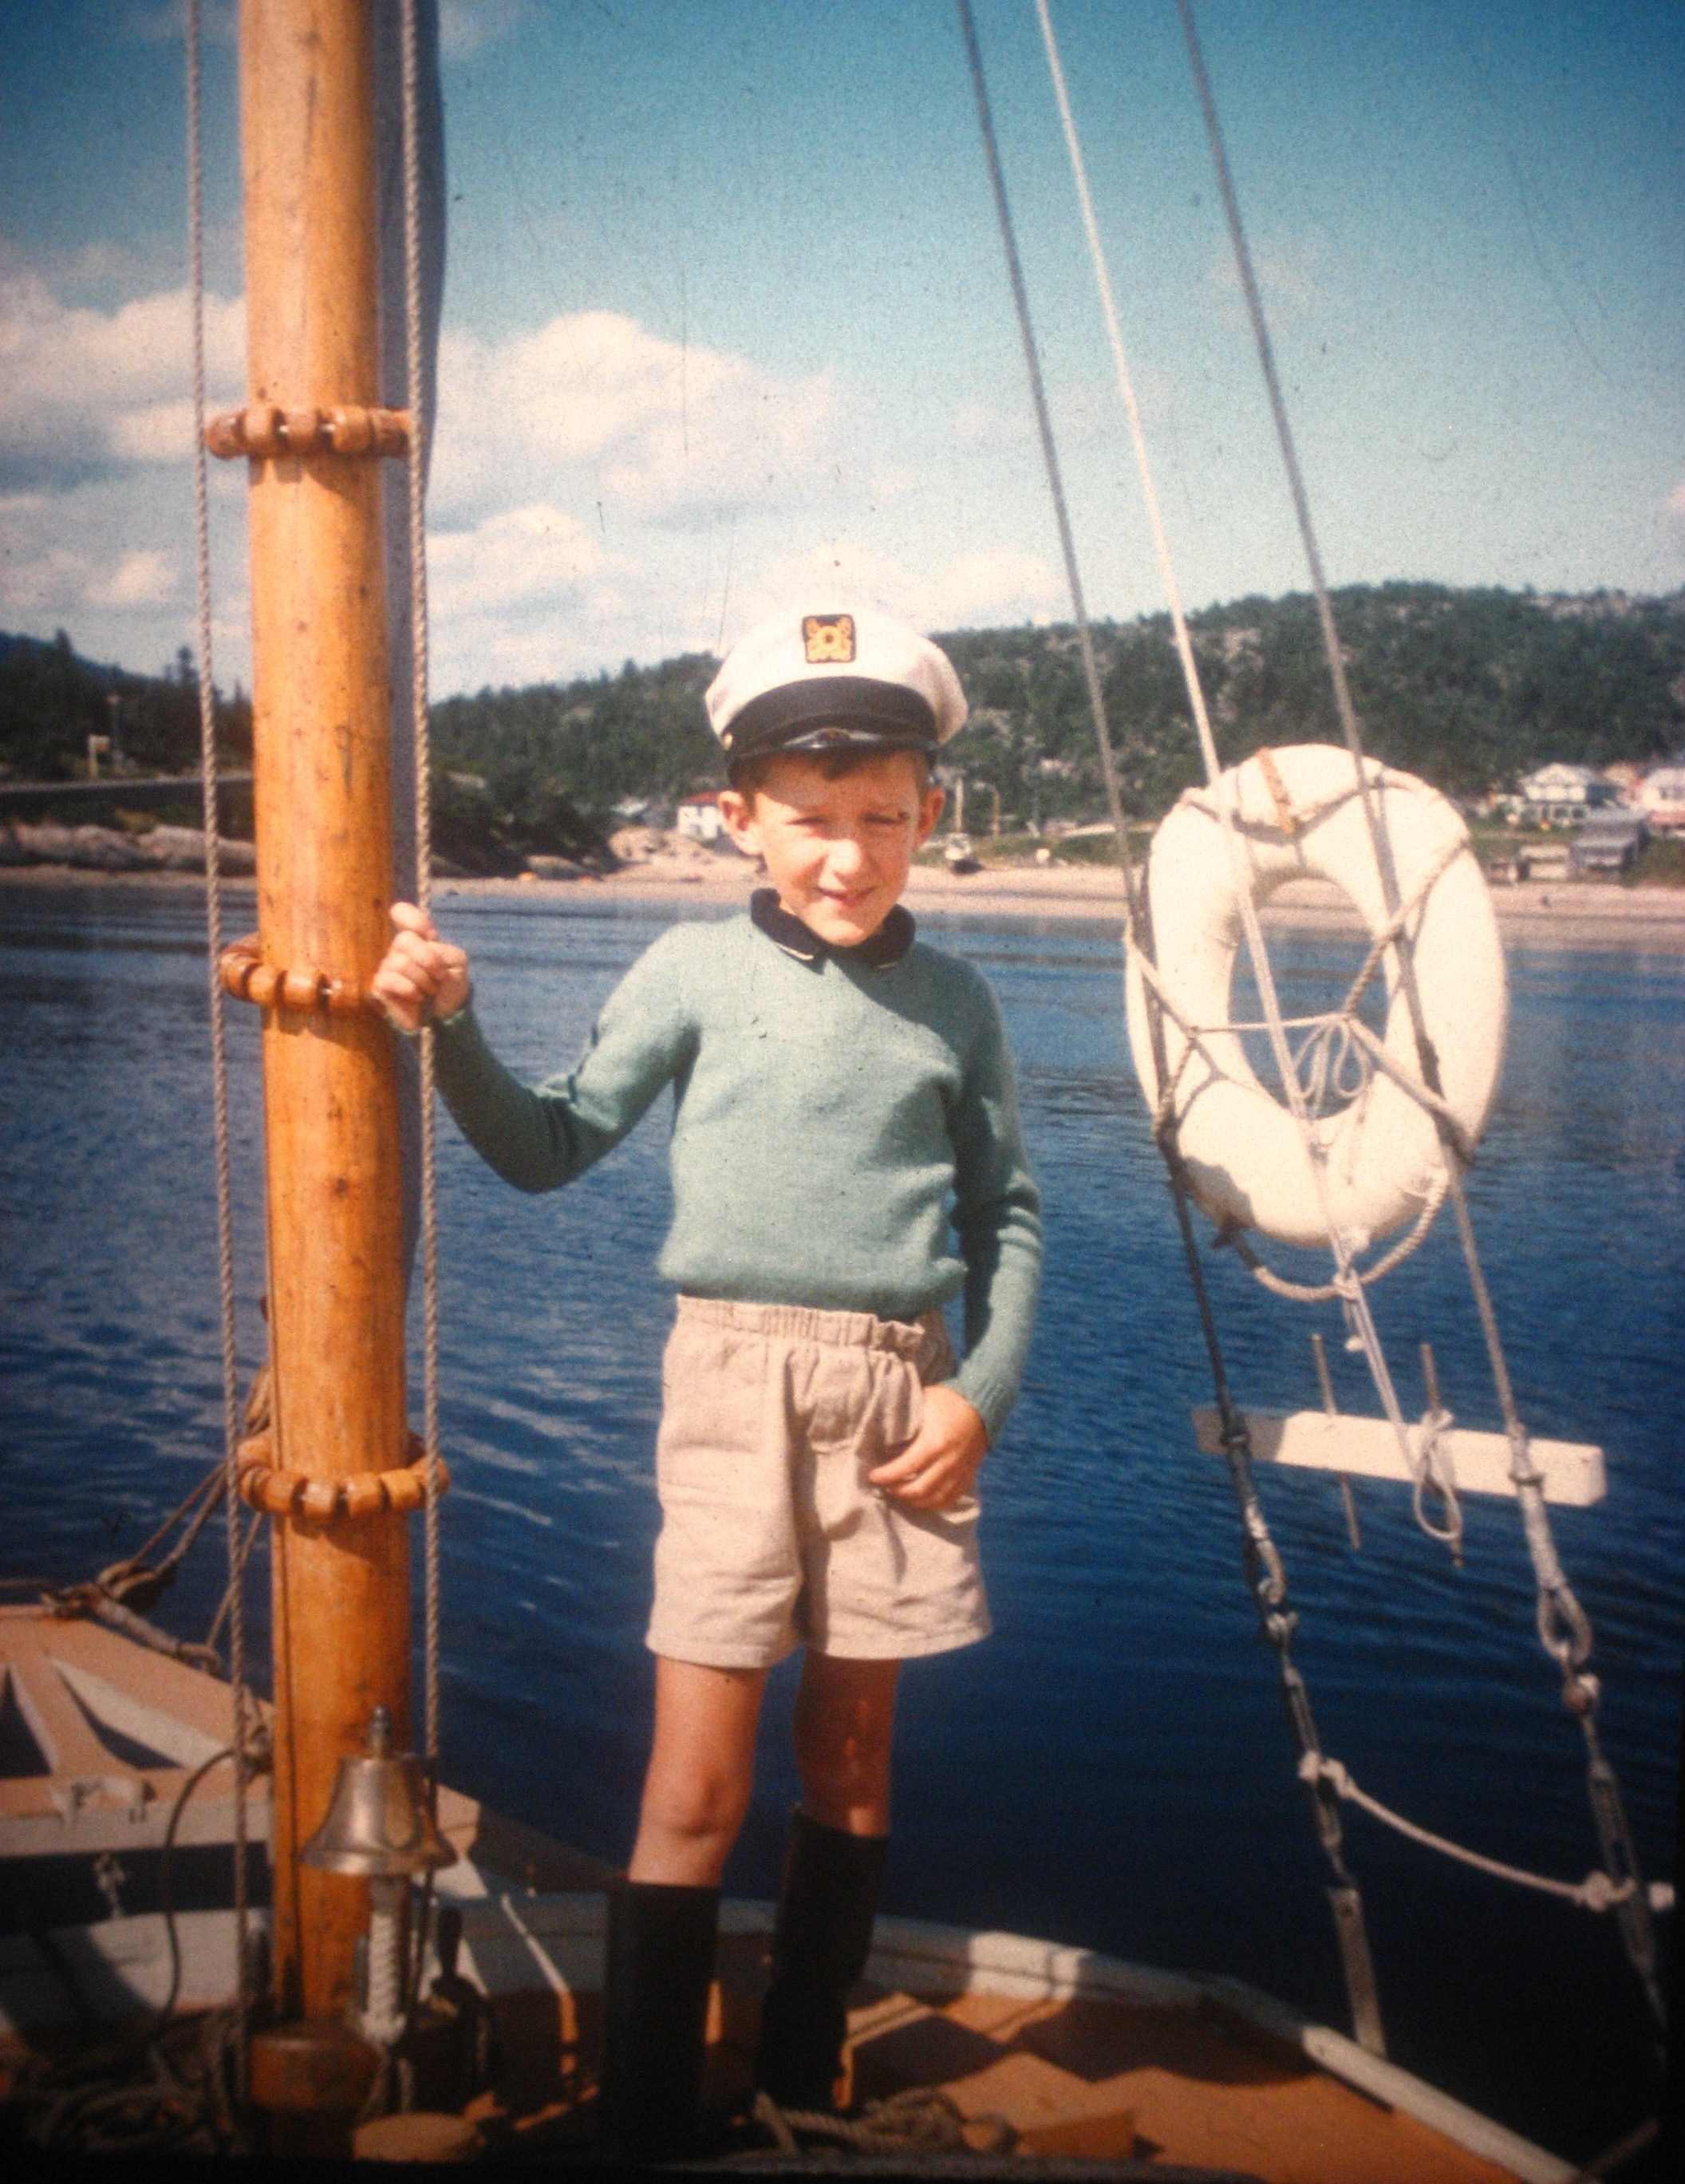 Un garçon se tient au mât d'un bateau de plaisance, non loin de la rive.